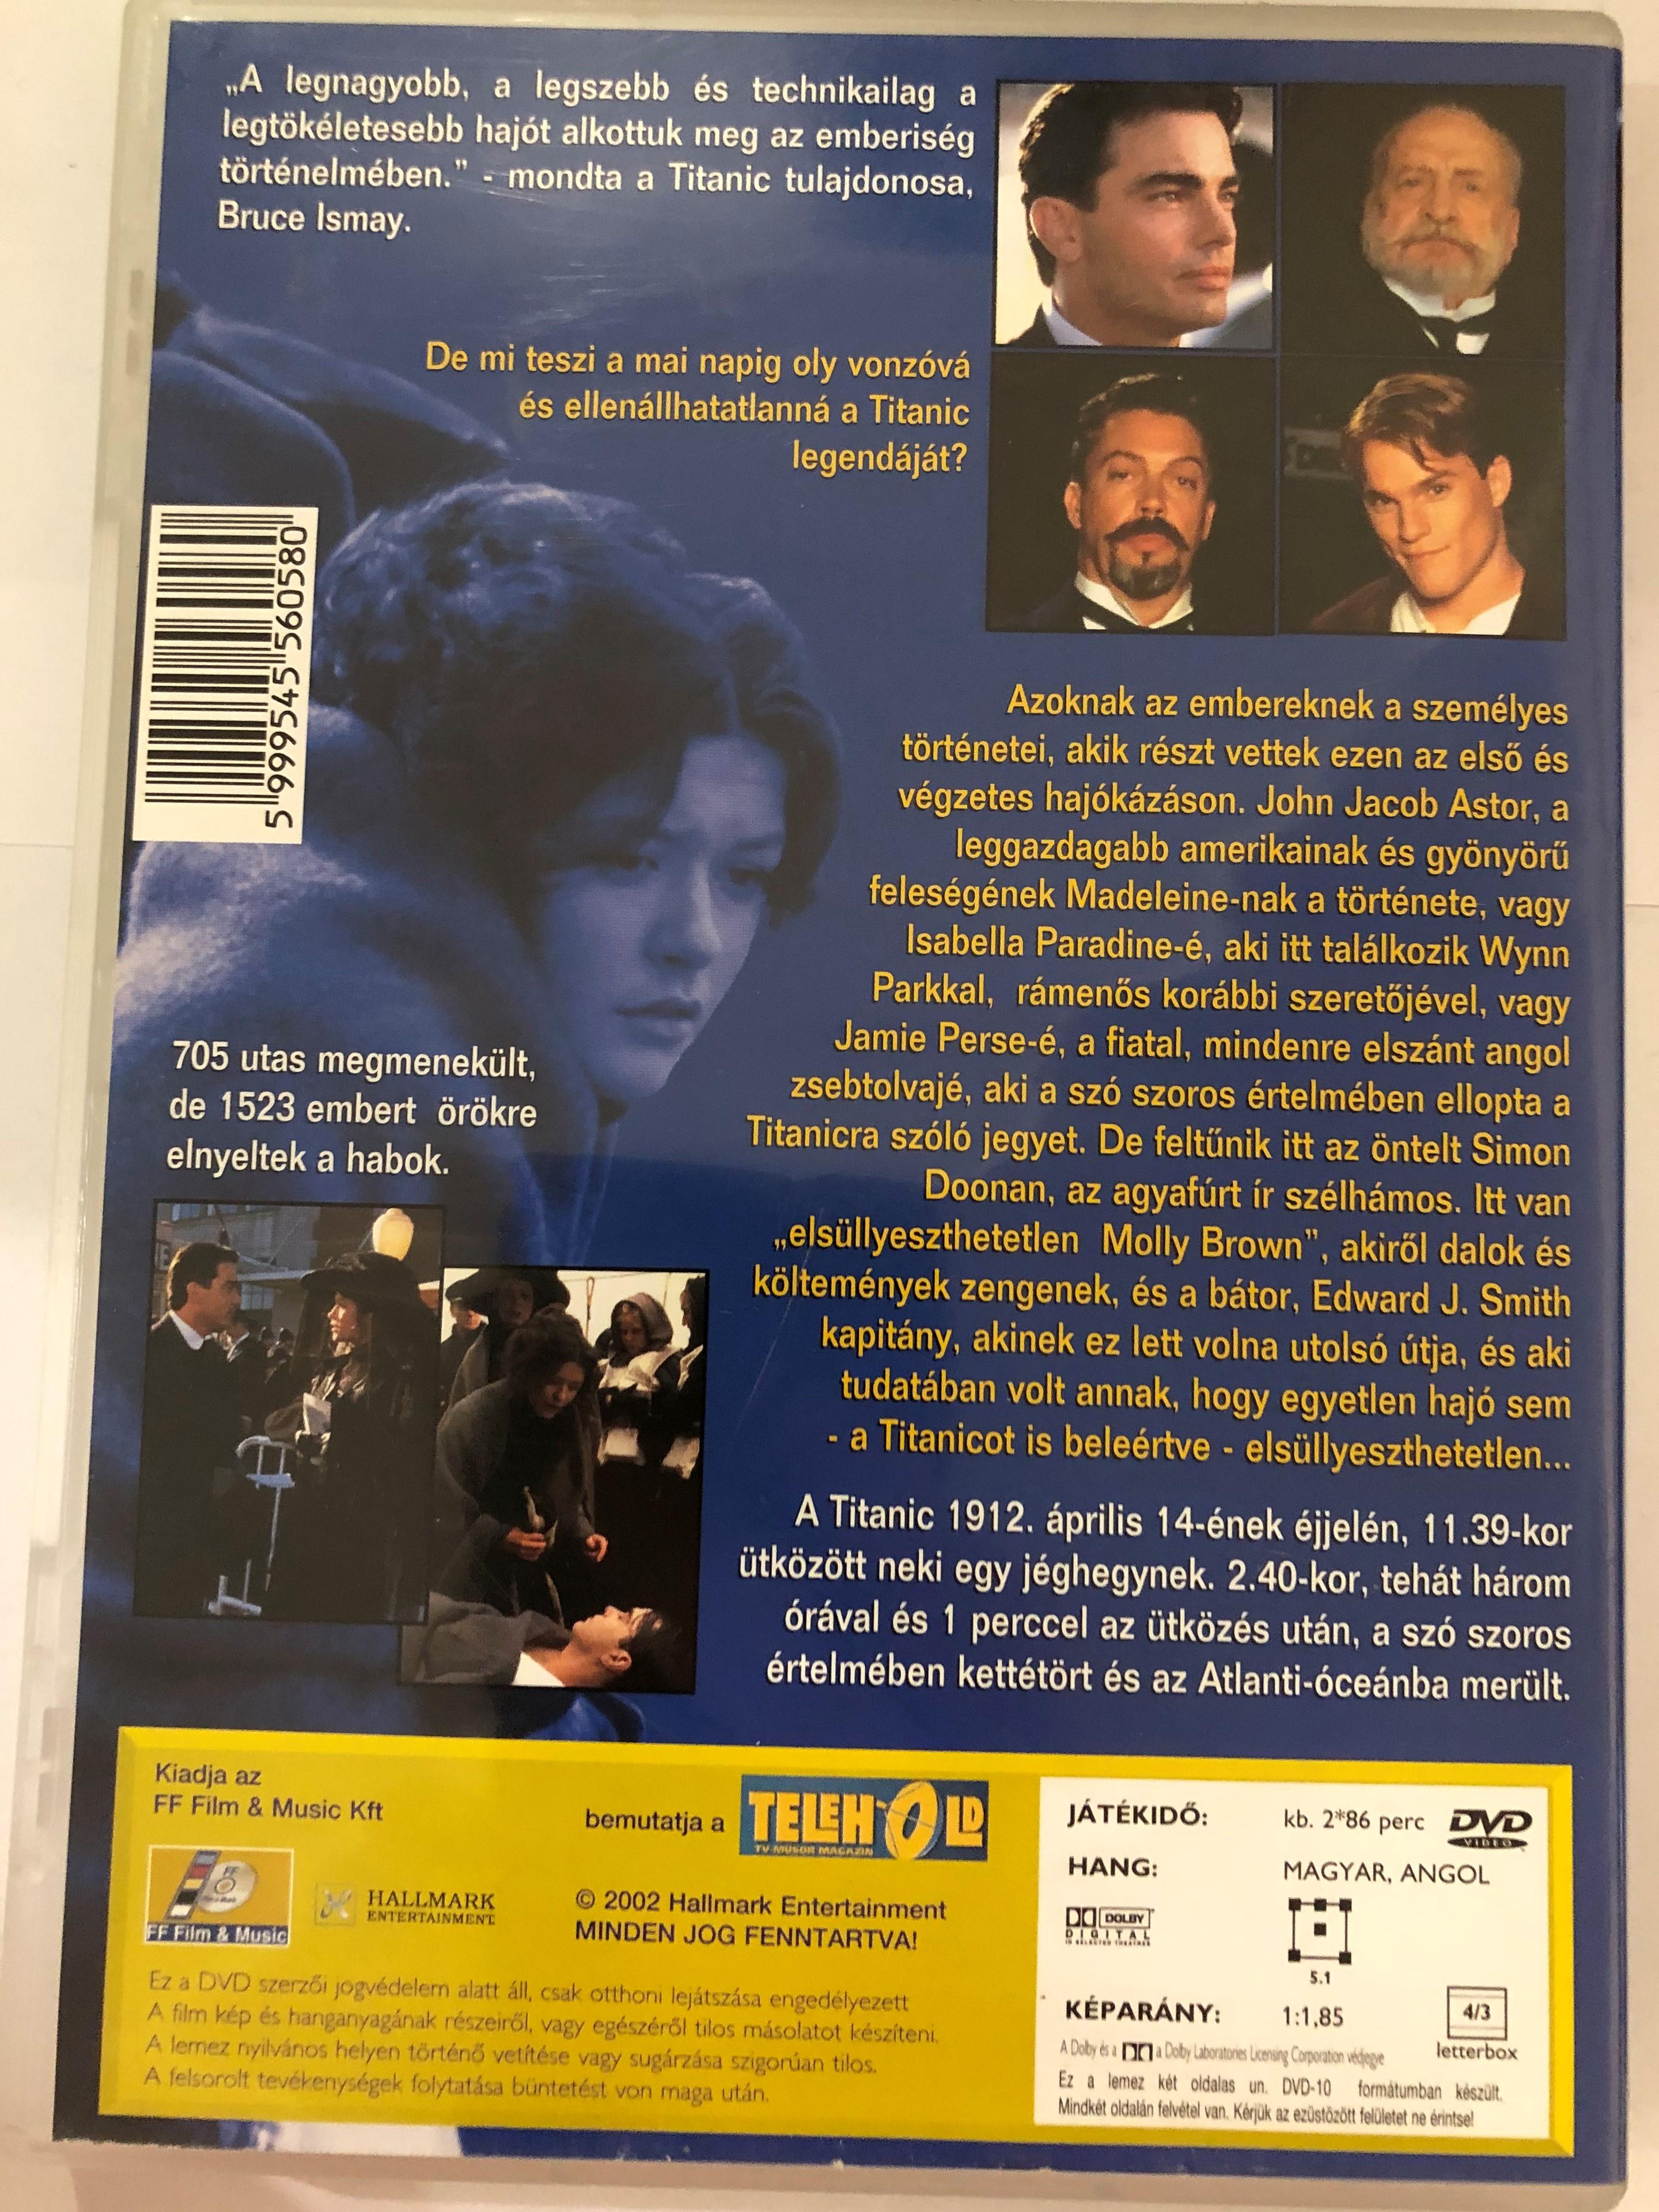 titanic-dvd-1996-miniseries-directed-by-robert-lieberman-2.jpg